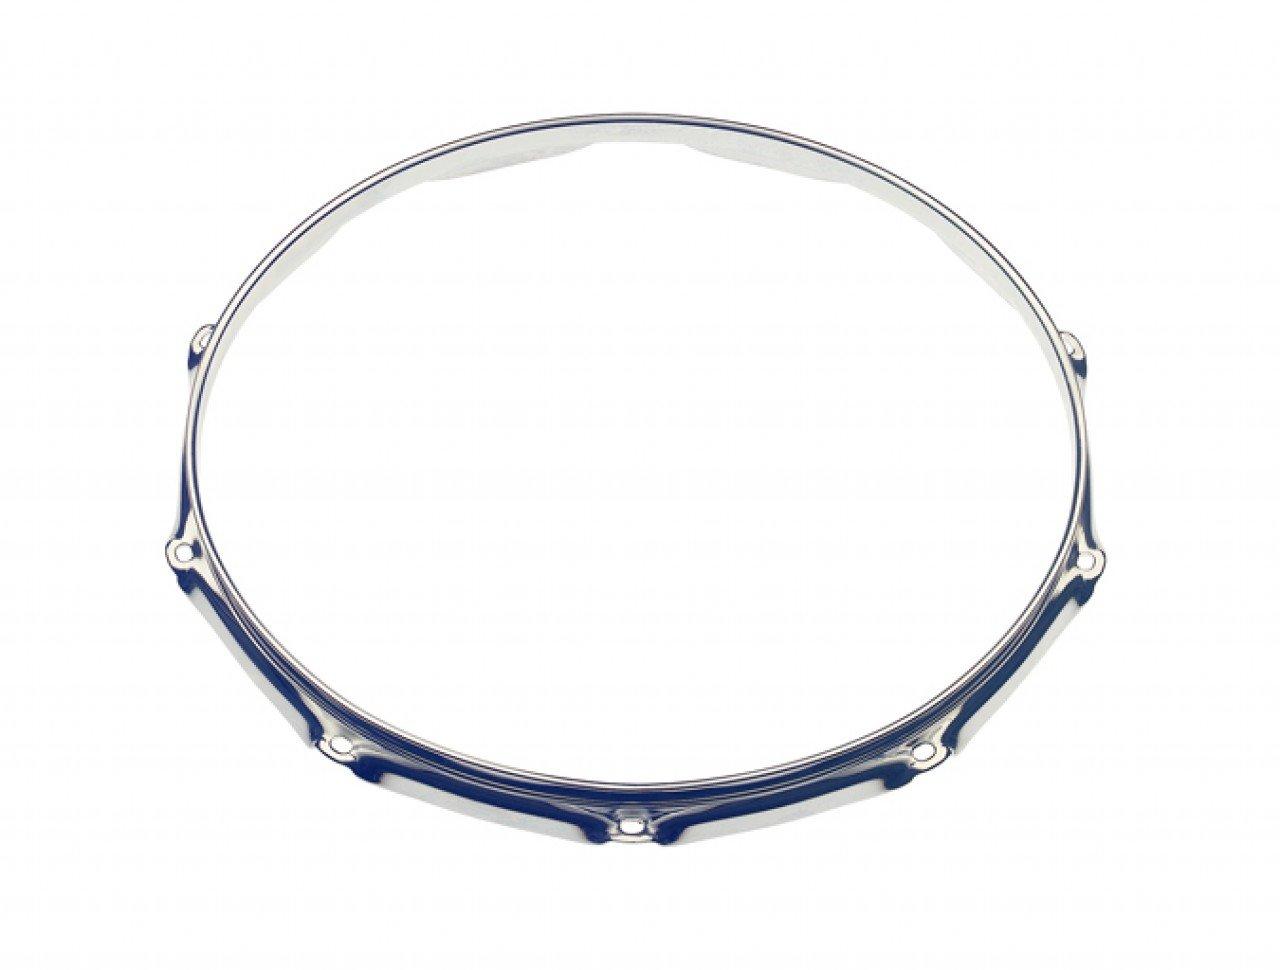 Stagg KT314-10 Dyna Hoop for Tom or Snare Drum Batter Side - 14''